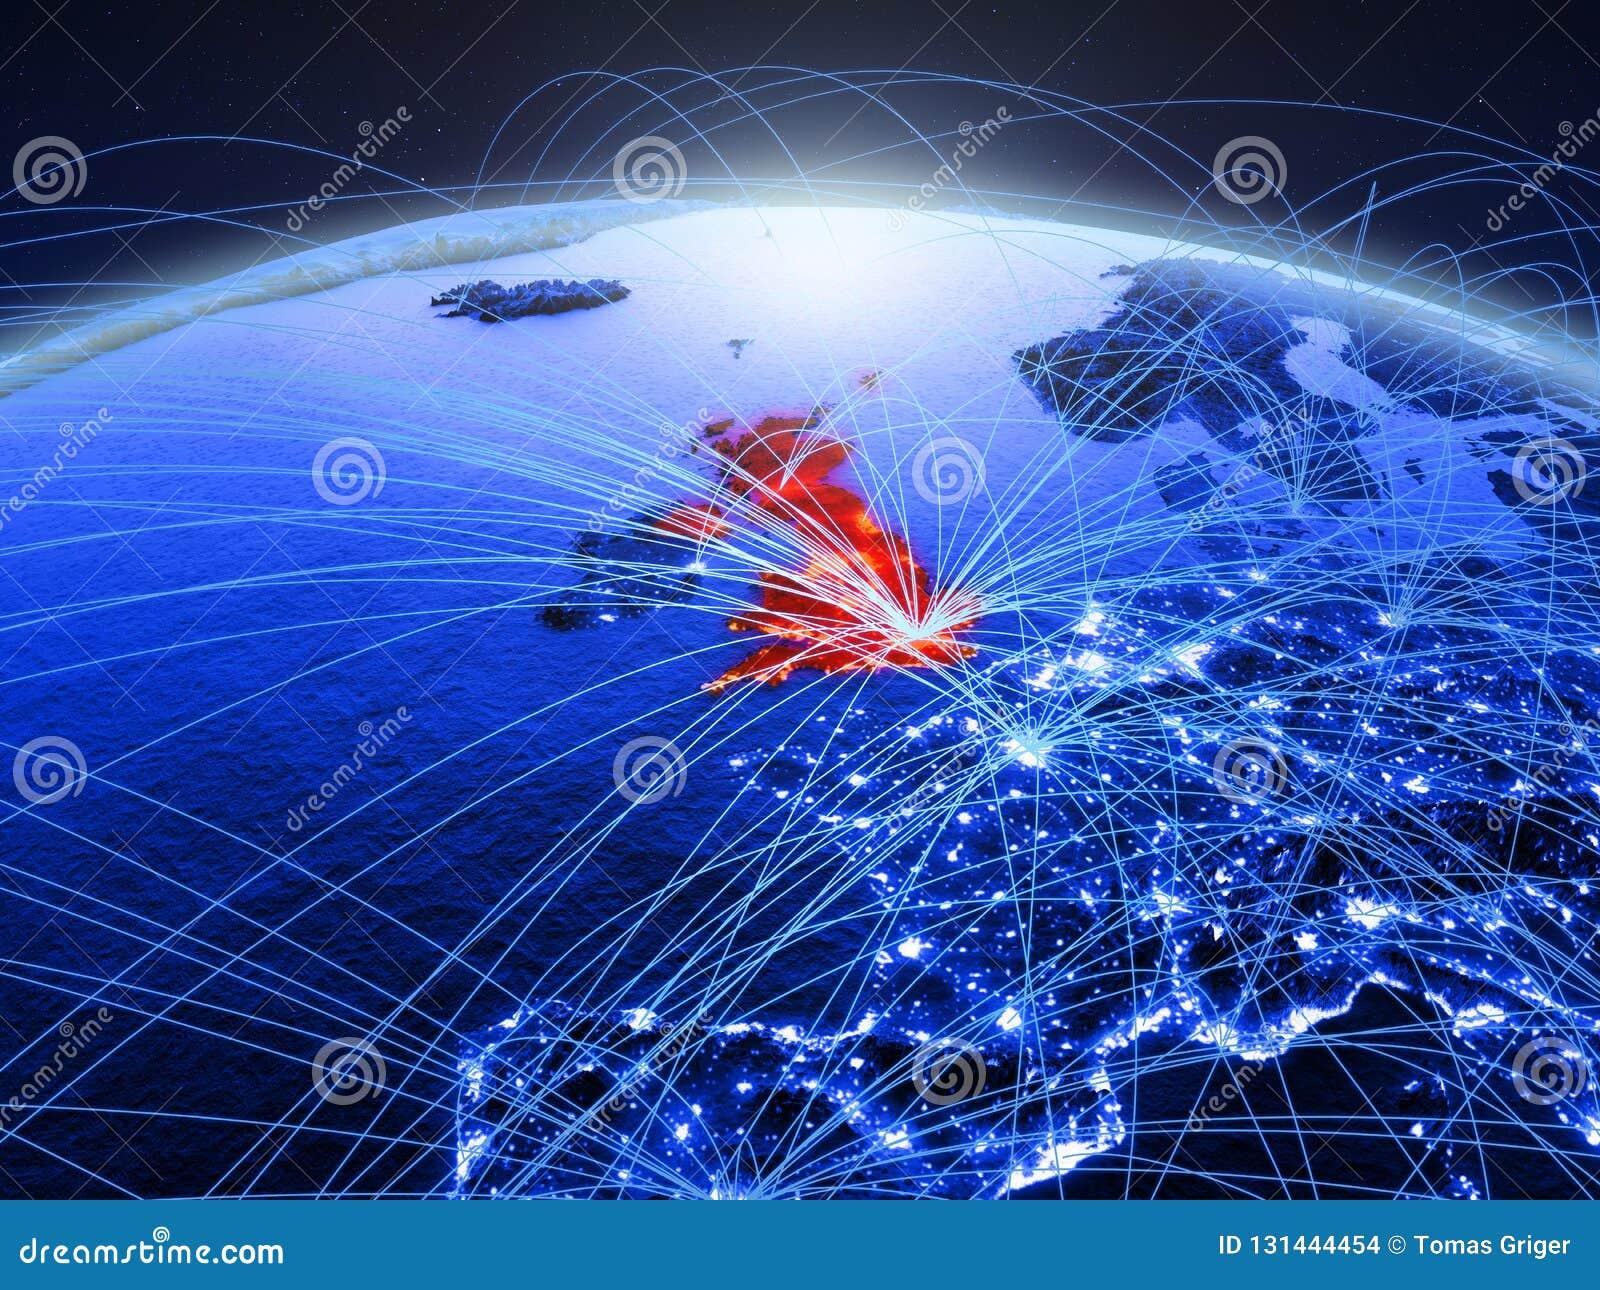 Vereinigtes Königreich auf blauer digitaler Planet Erde mit dem internationalen Netzwerk, das Kommunikation, Reise und Verbindung